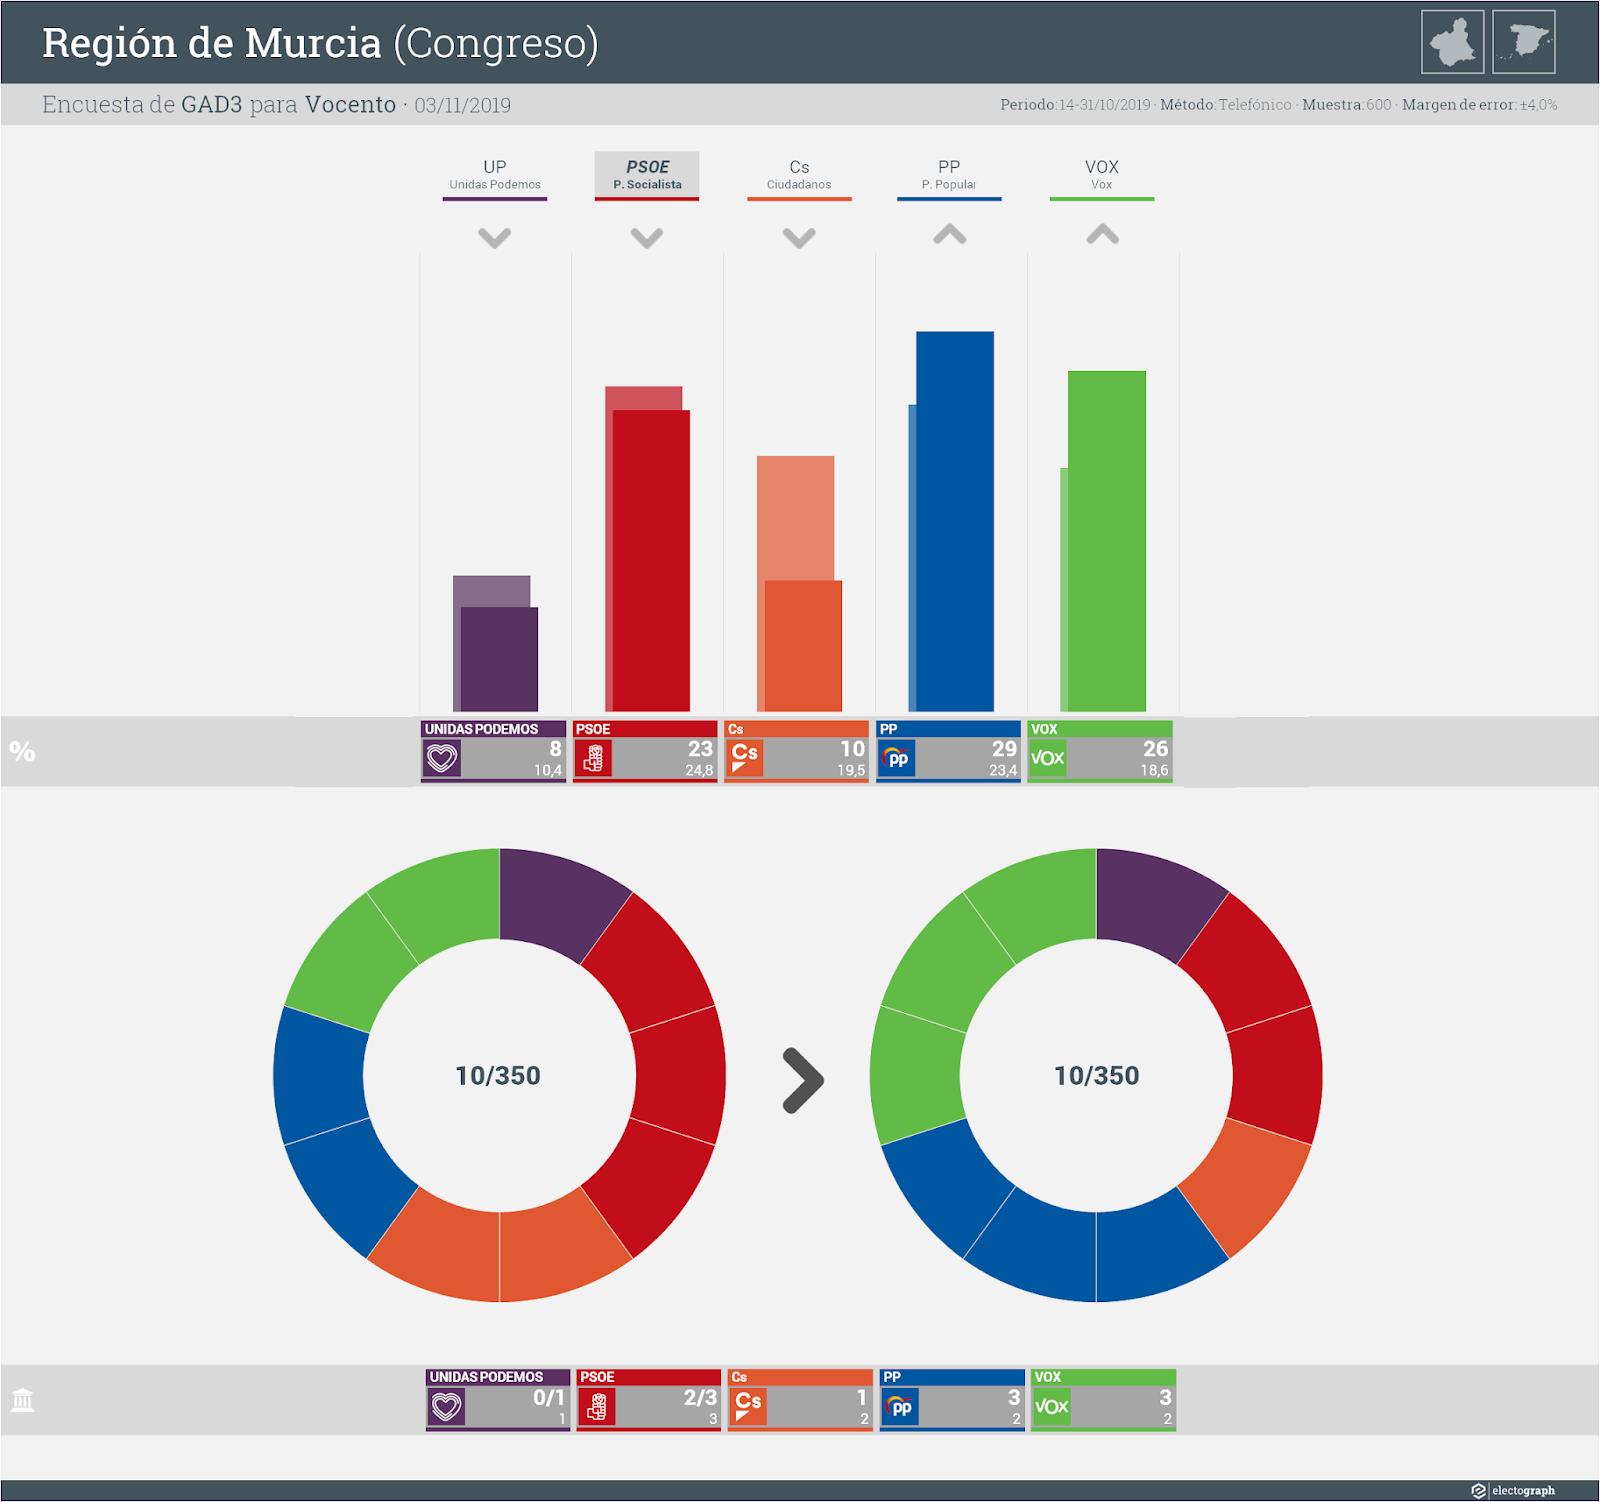 Gráfico de la encuesta para elecciones generales en la Región de Murcia realizada por GAD3 para Vocento, 3 de noviembre de 2019